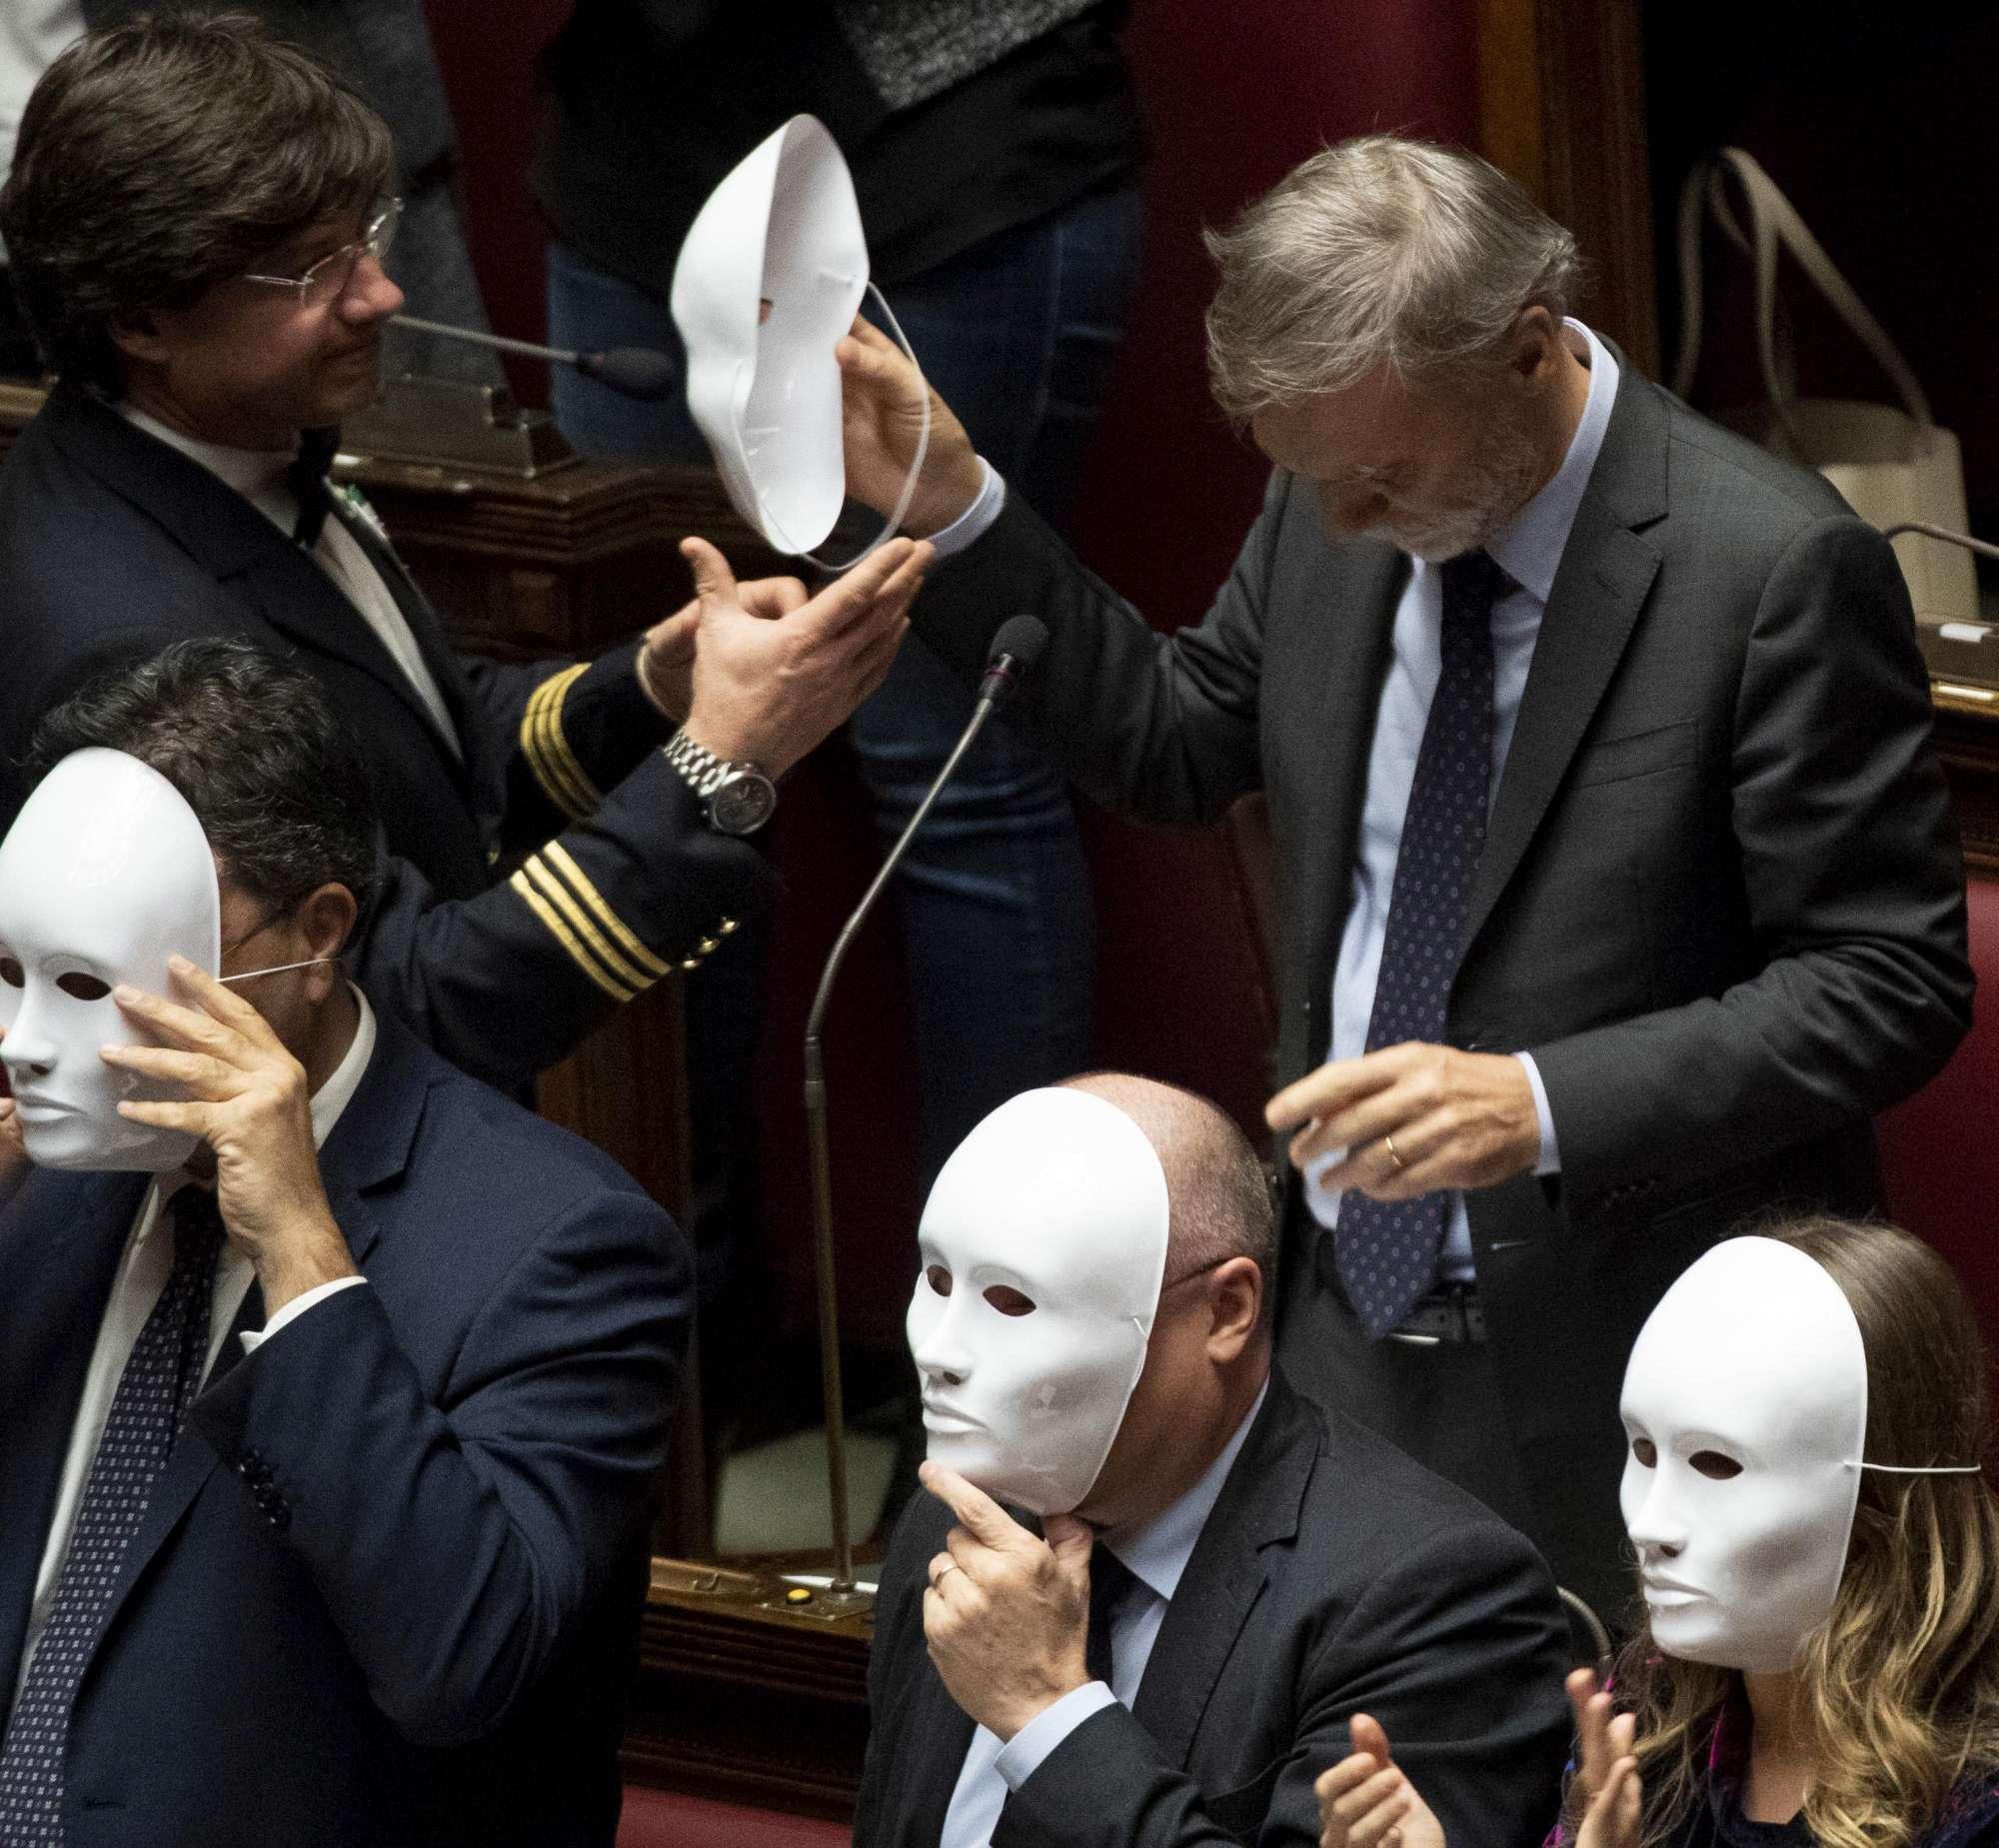 Pd in Aula con maschere bianche per gli  invisibili